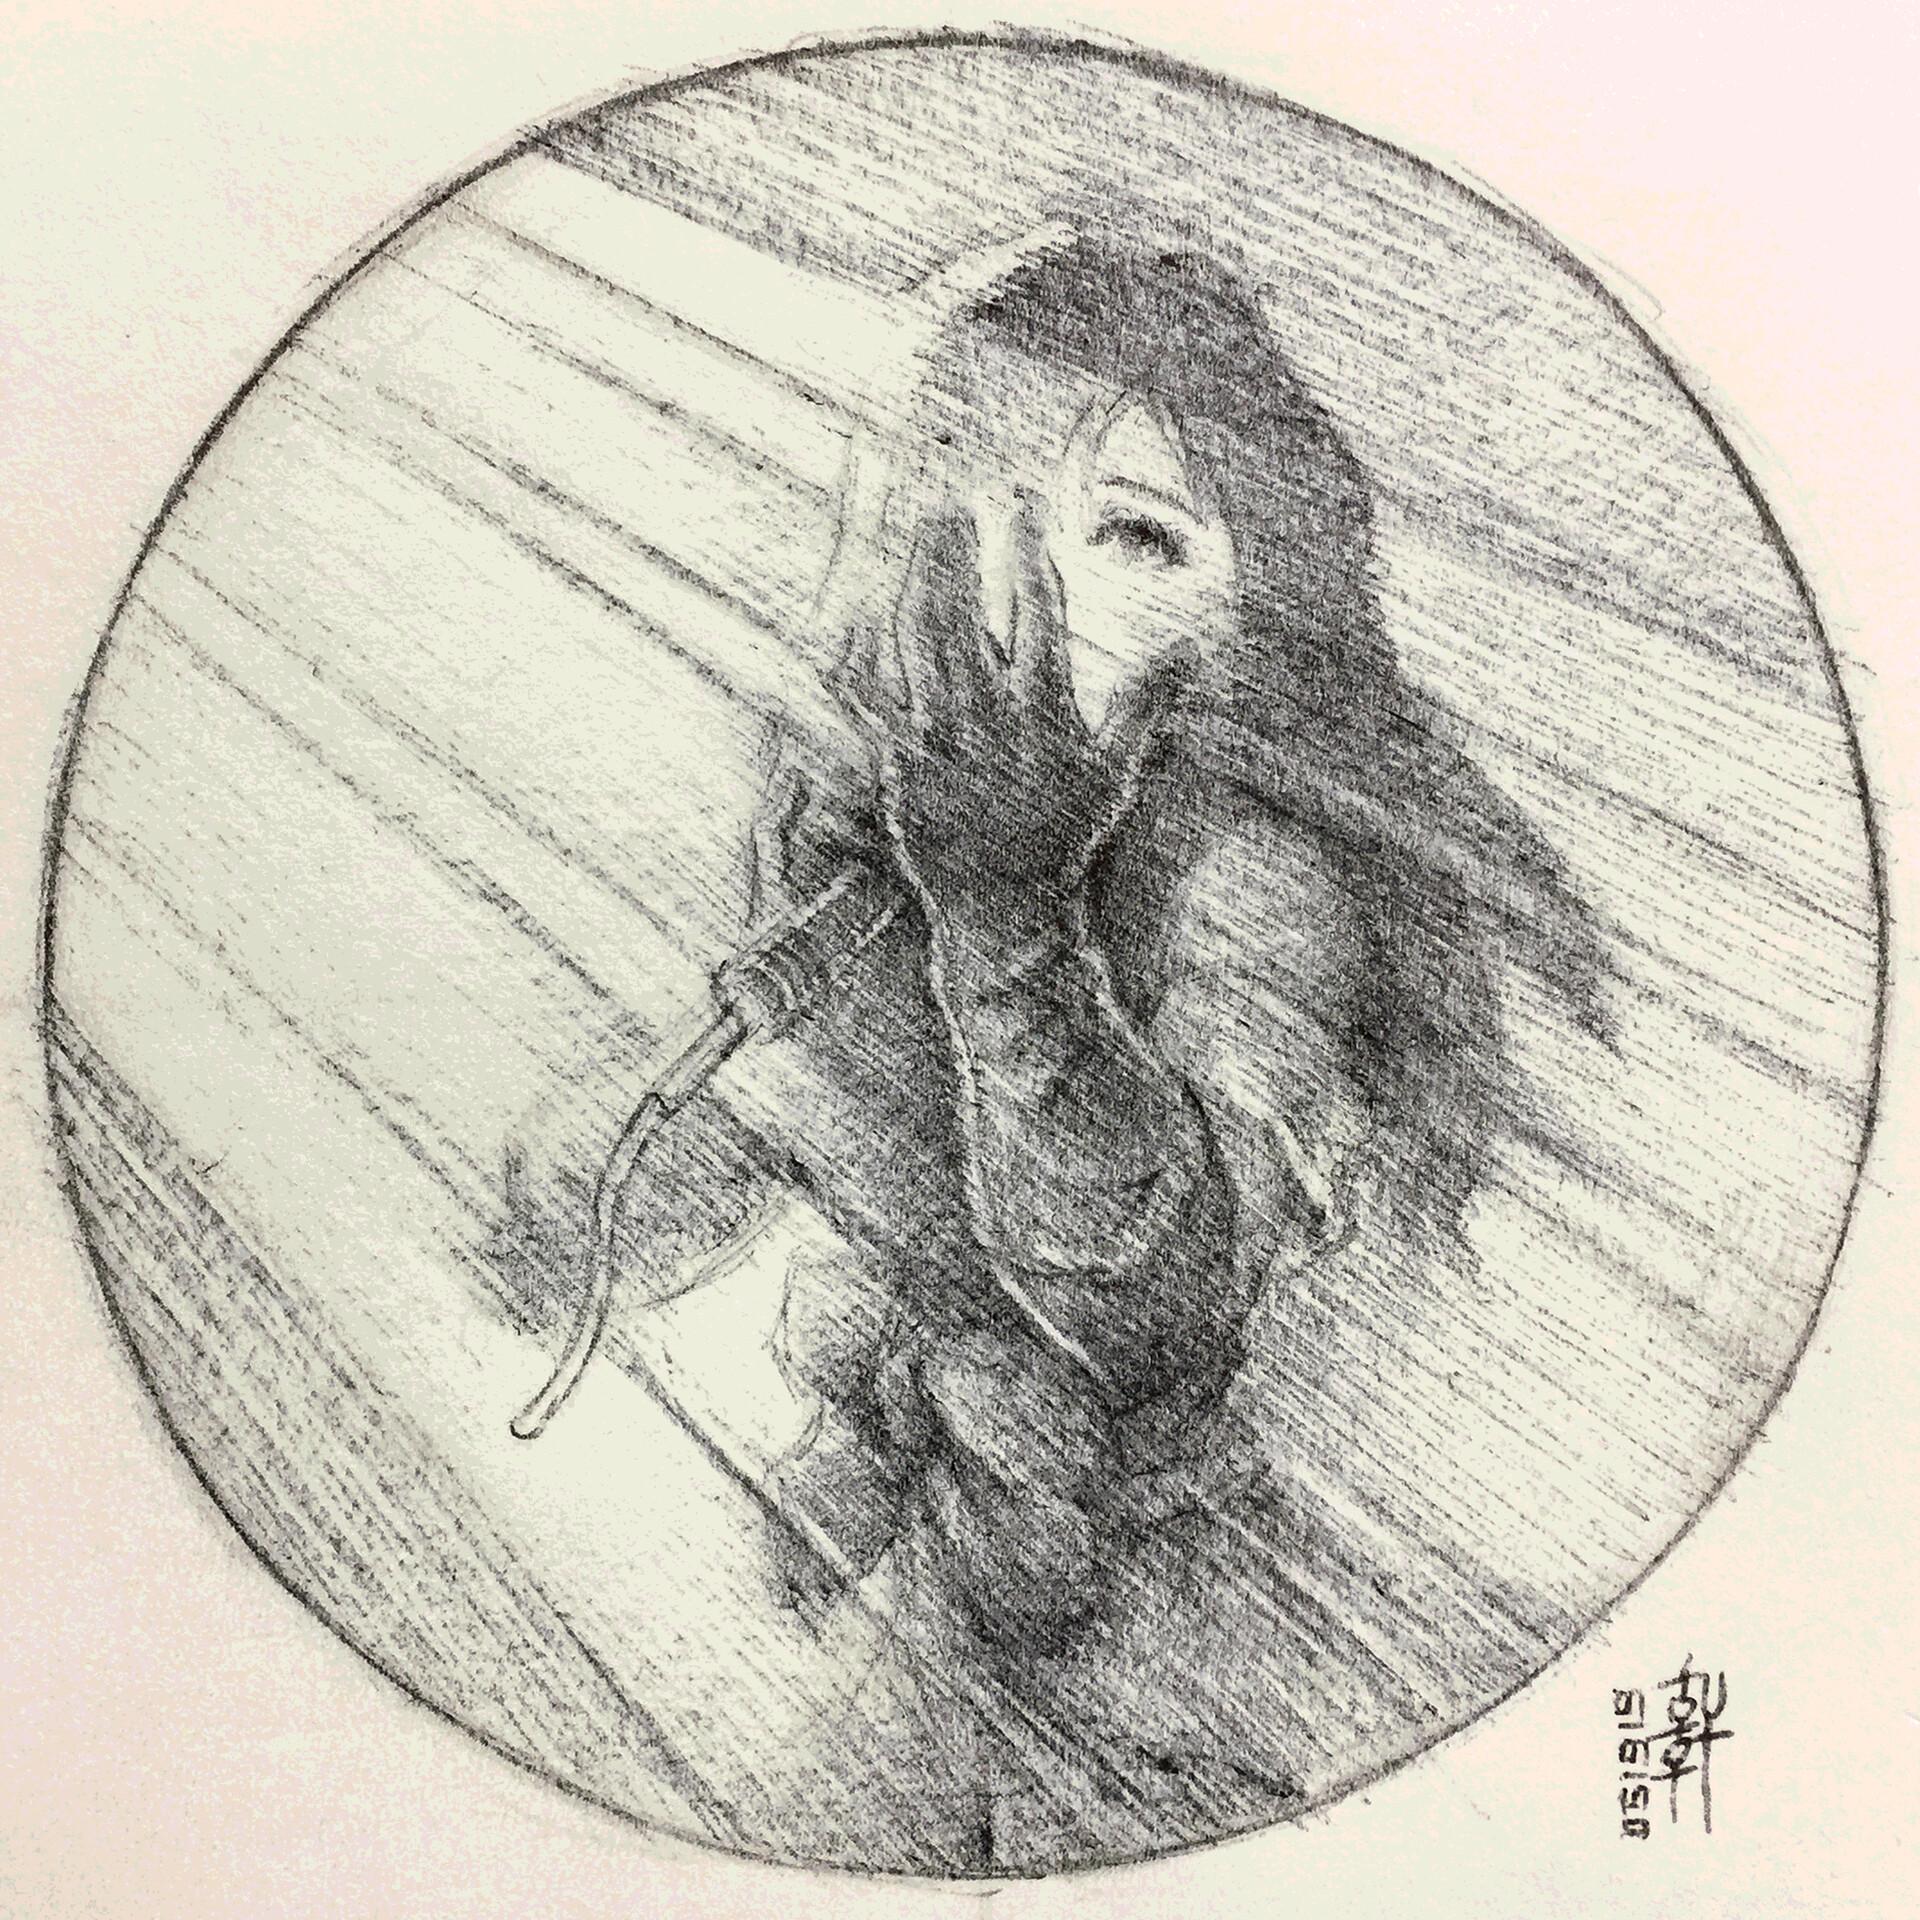 Remember Love - Sketch